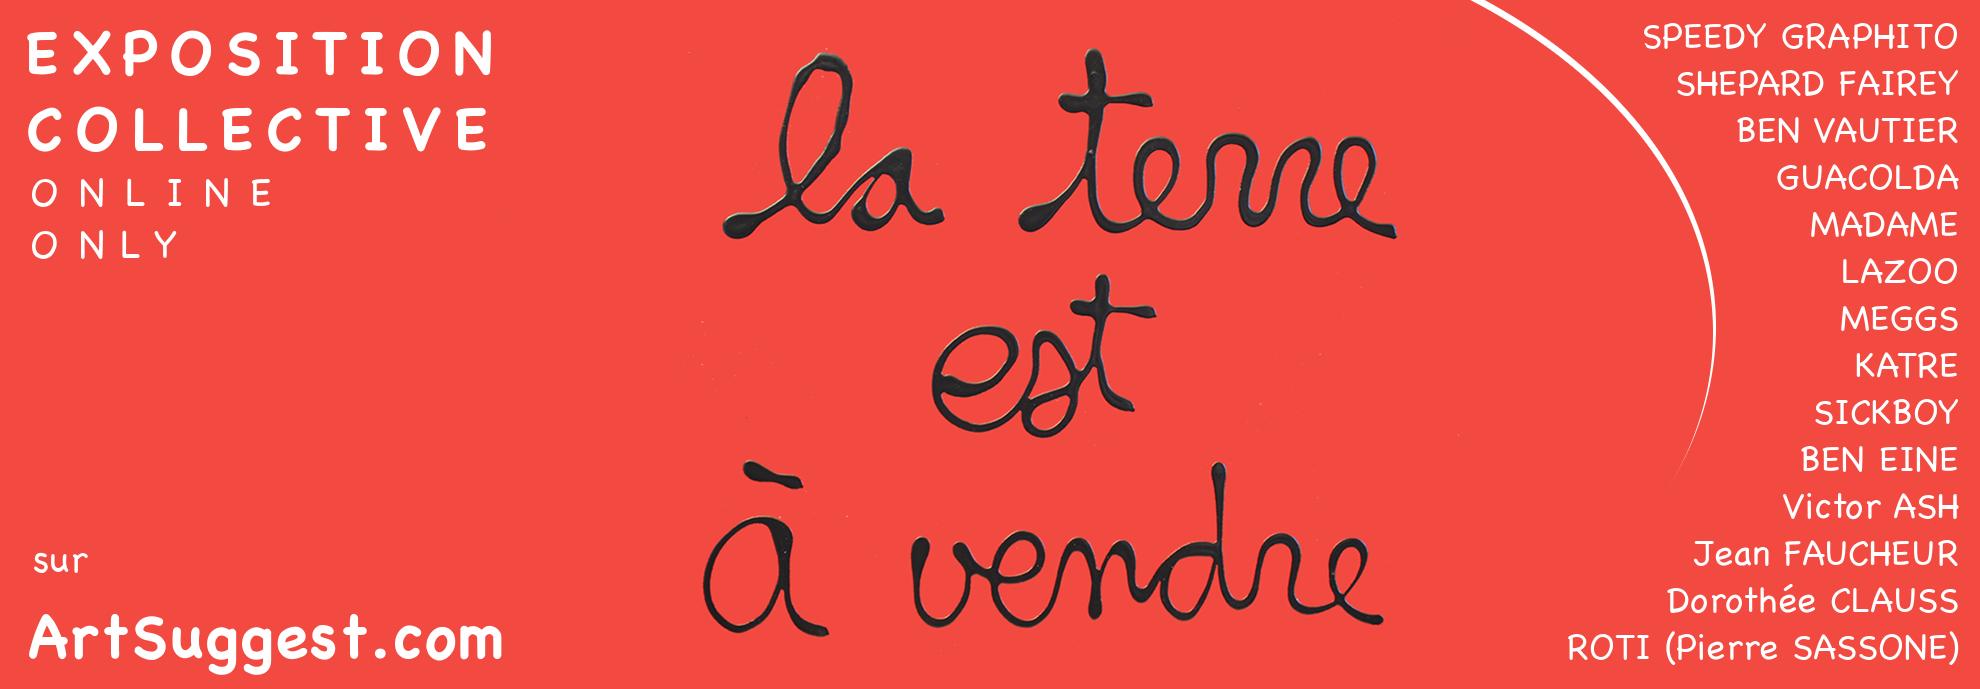 Exposition collective | LA TERRE EST A VENDRE